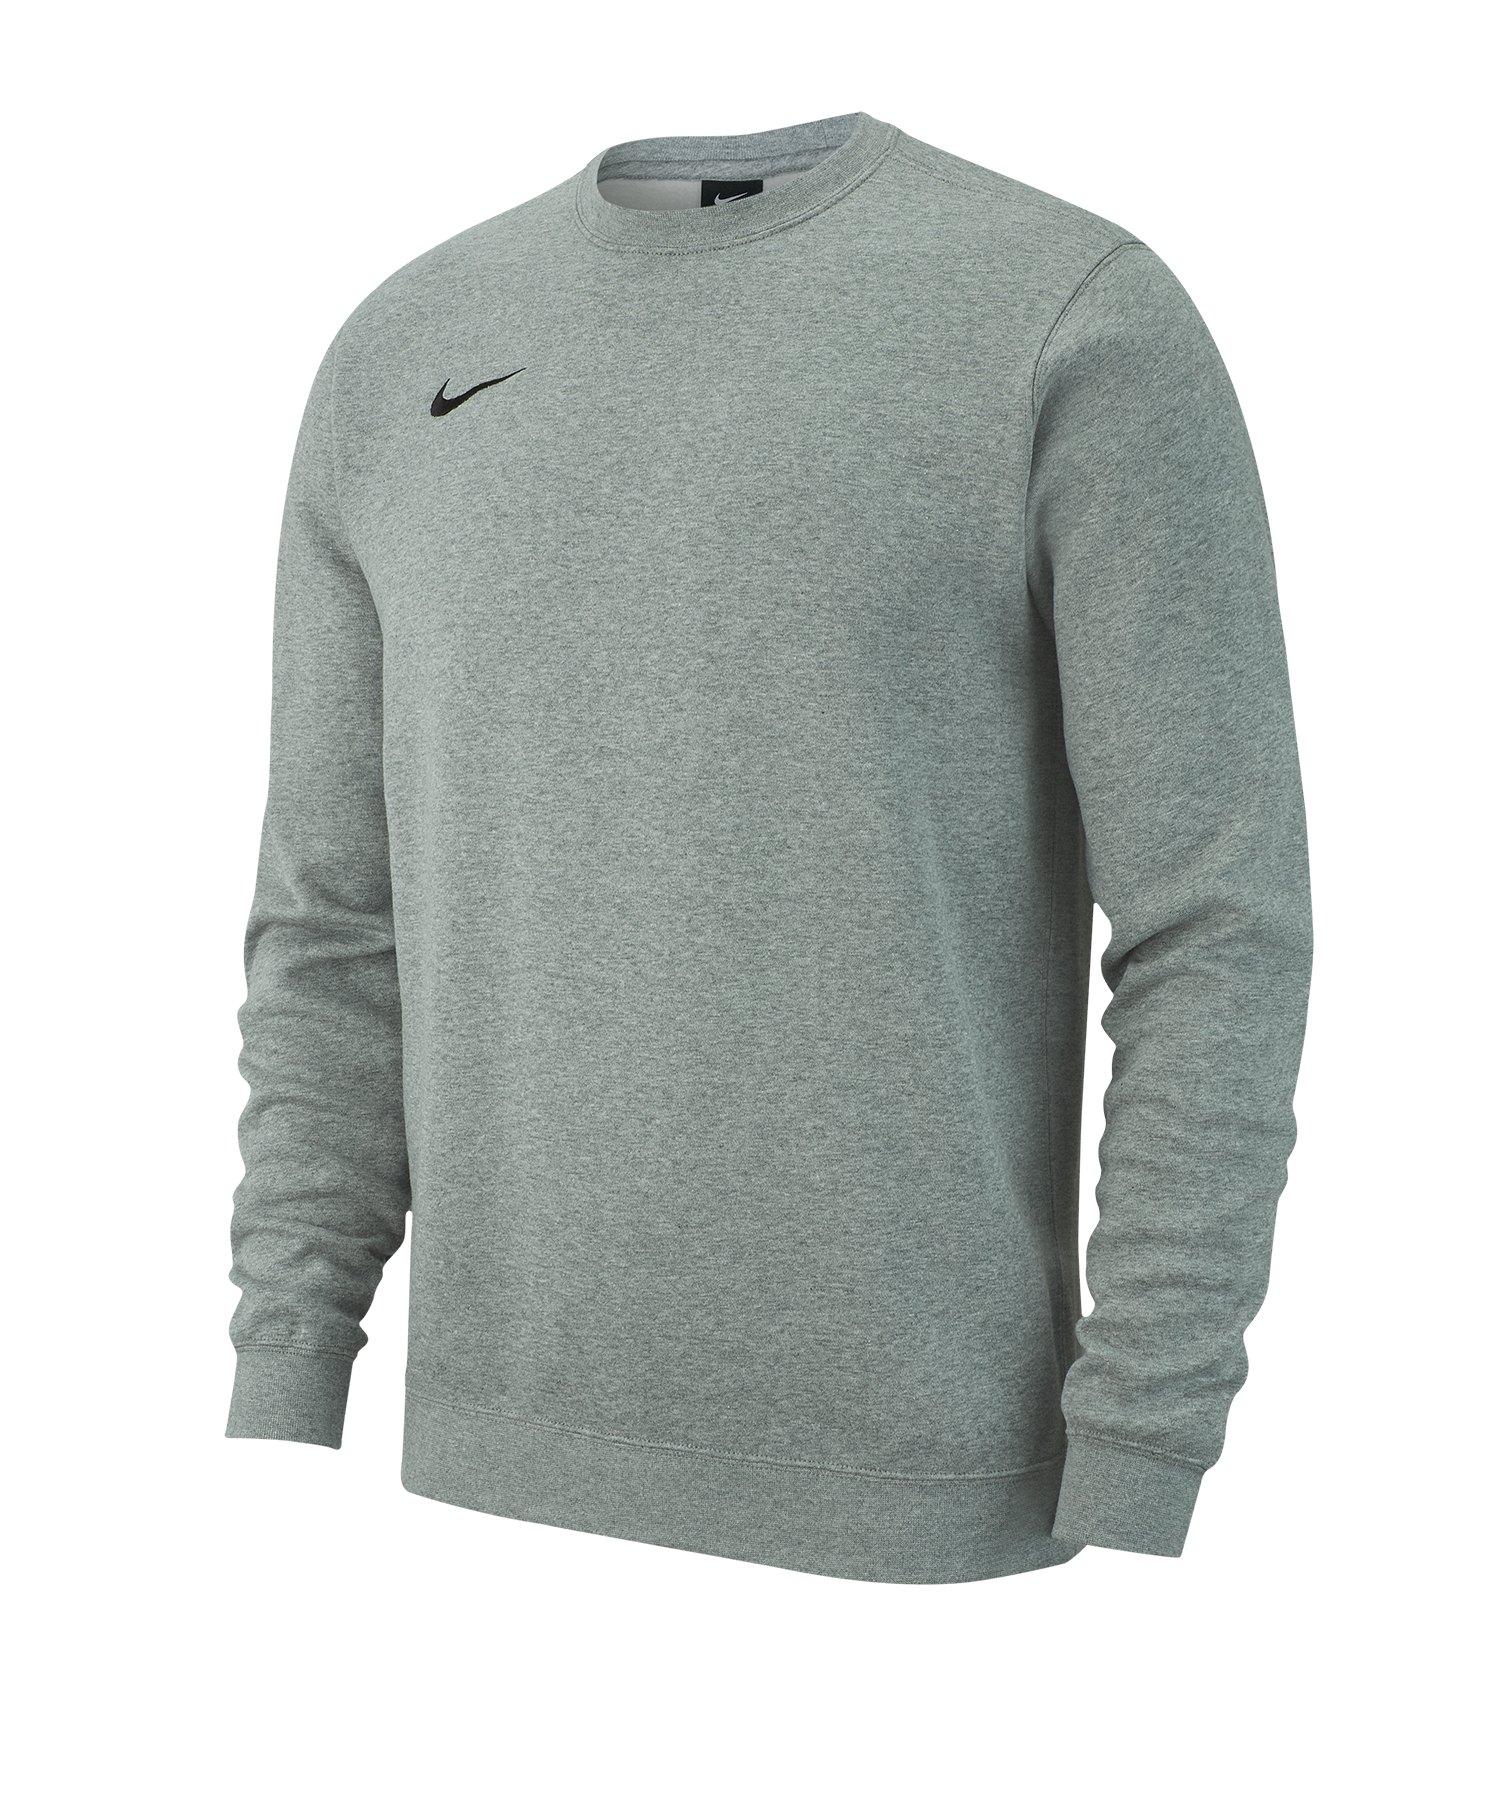 Nike Team Club 19 Fleece Sweatshirt Kids Grau F071